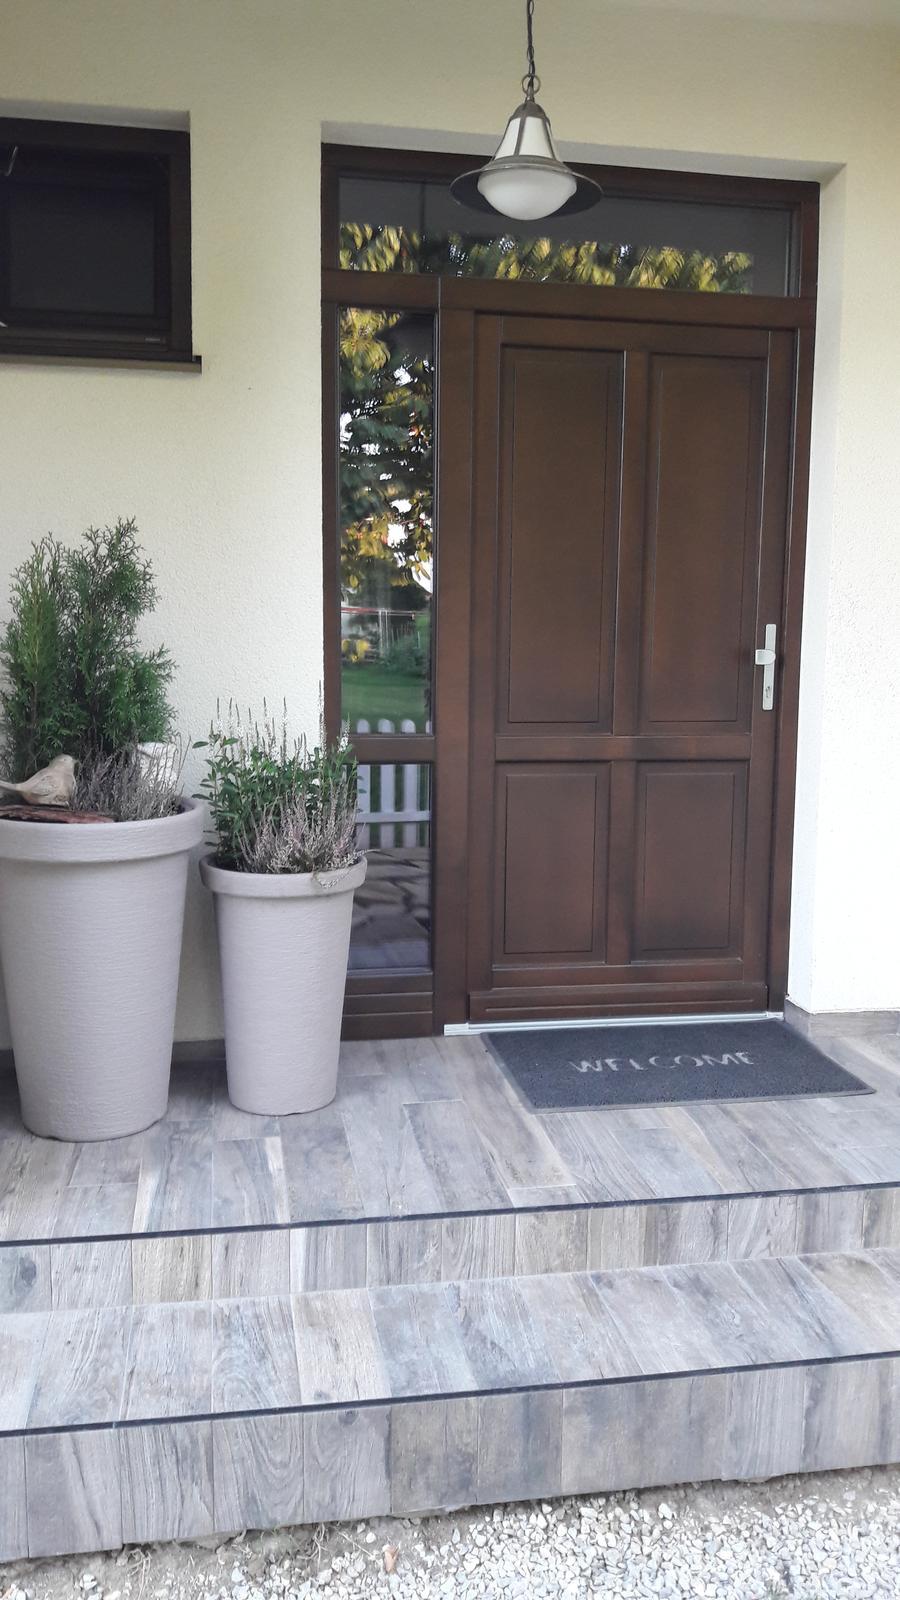 Náš domov :) - Nové kvietky pred dverami 😉